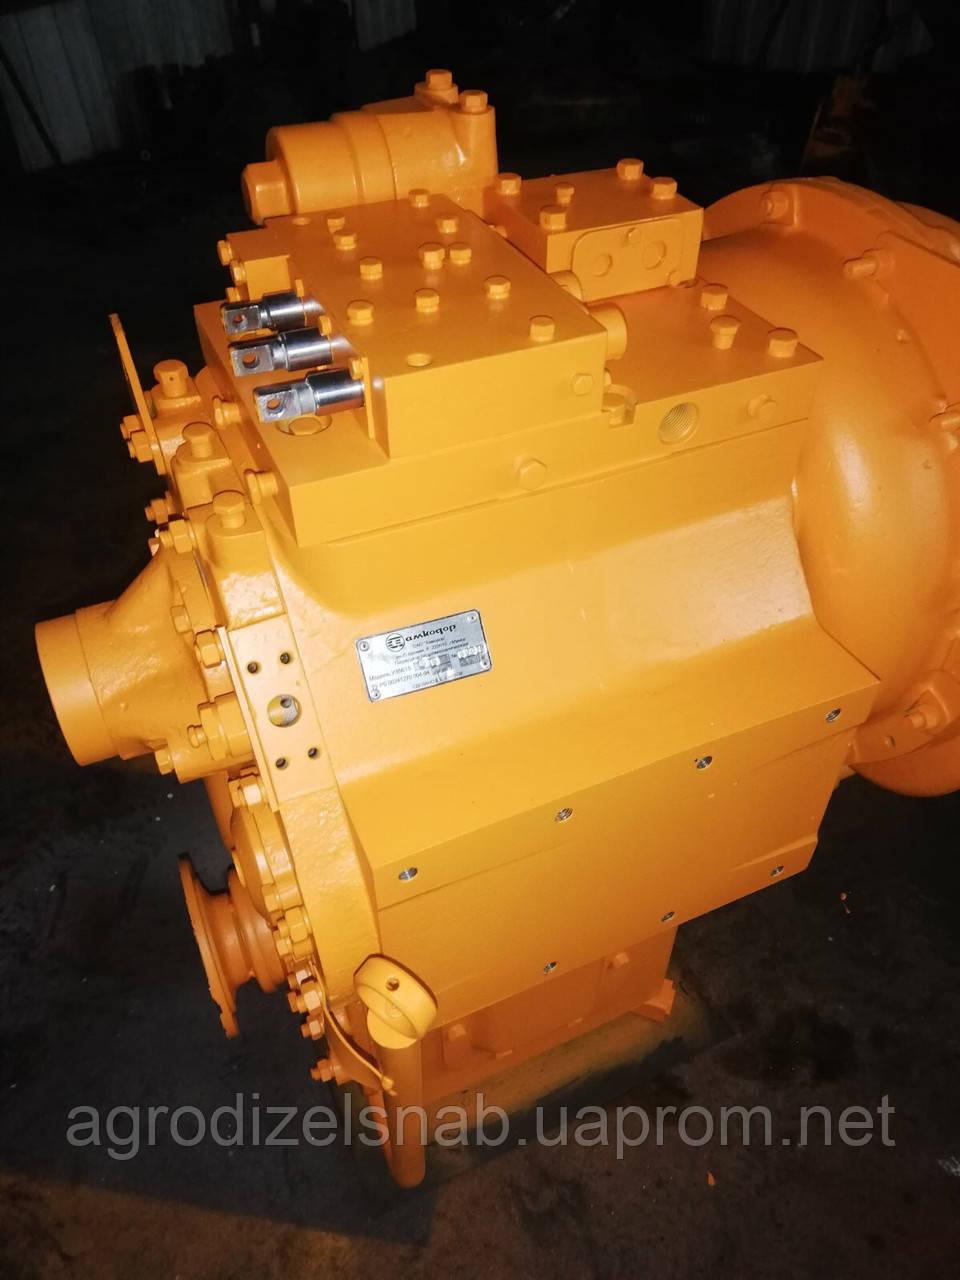 Гідромеханічна передача ГМП навантажувачів ТО-18 / ТО-18Б Амкодор